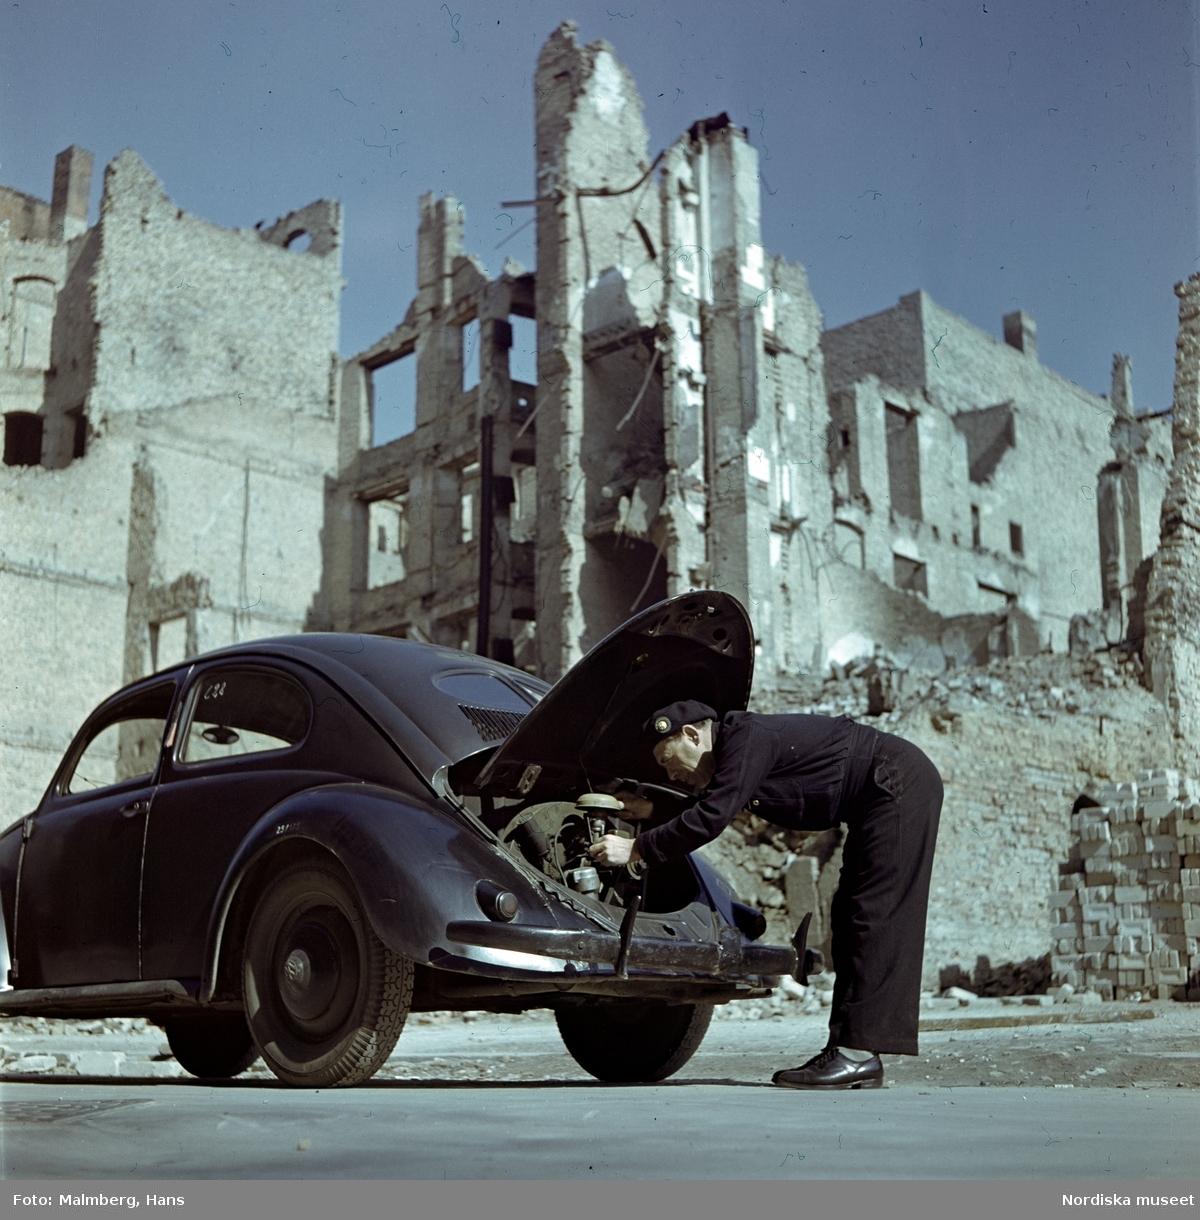 Berlin. En soldat ur de brittiska ockupationstrupperna kontrollerar motorn på en Volkswagen. Husruiner i bakgrunden.